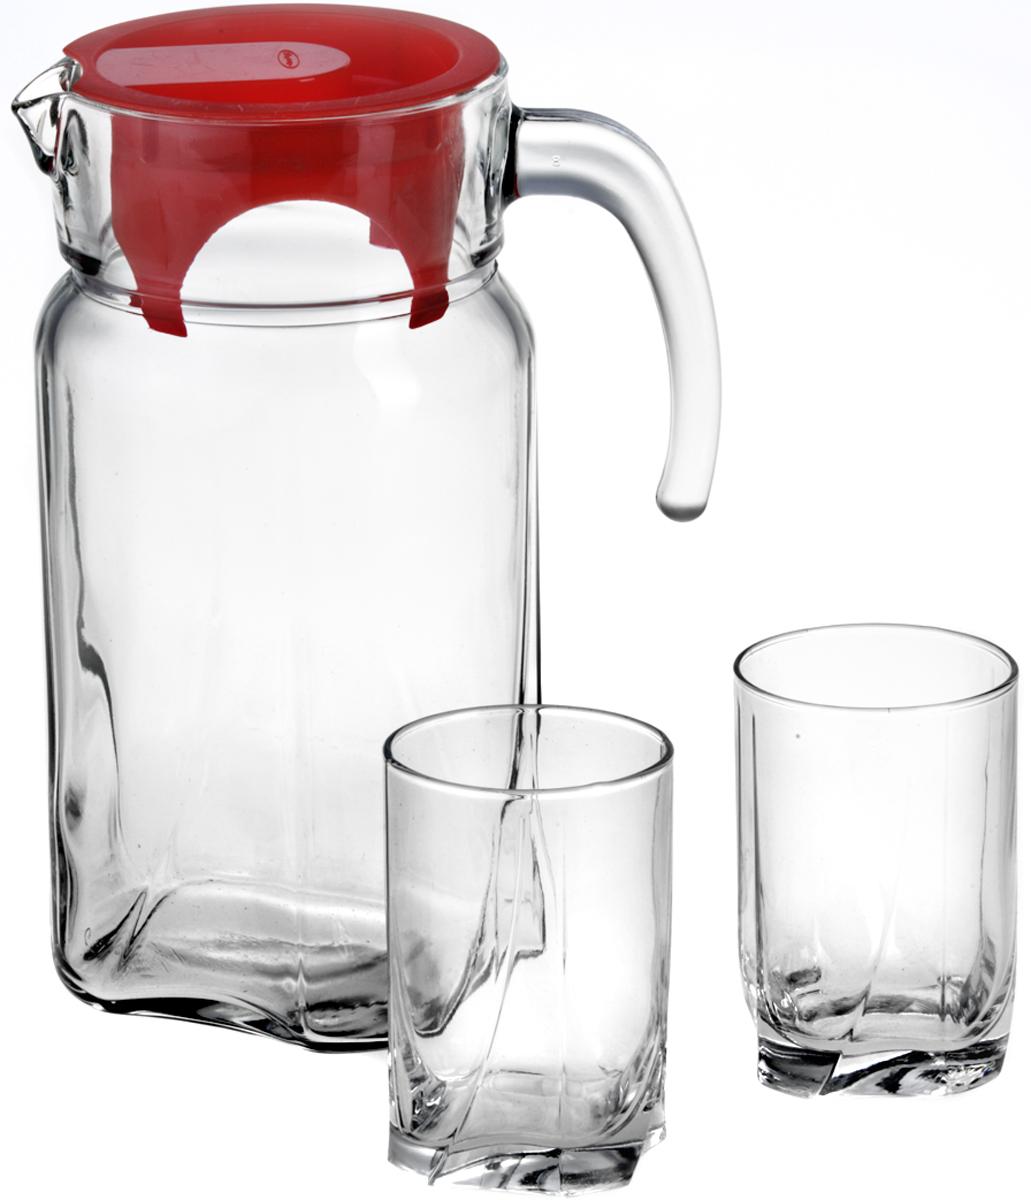 Набор питьевой Pasabahce Луна, 7 предметов97328BПитьевой набор Pasabahce Луна состоит из 6 стаканов и кувшина. Изделия выполнены из высококачественного прочного стекла. Набор прекрасноподходит для сока, воды, лимонада и других напитков. Изделия устойчивы к повреждениям и истиранию, в процессе эксплуатации не впитывают запахии сохраняют первоначальные краски. Можно мыть в посудомоечной машине.Объем кувшина: 1,7 л.Размер кувшина: 17 х 11,5 х 23,5 см. Объем стакана: 255 мл.Размер стакана: 6,8 х 6,8 х 10 см.